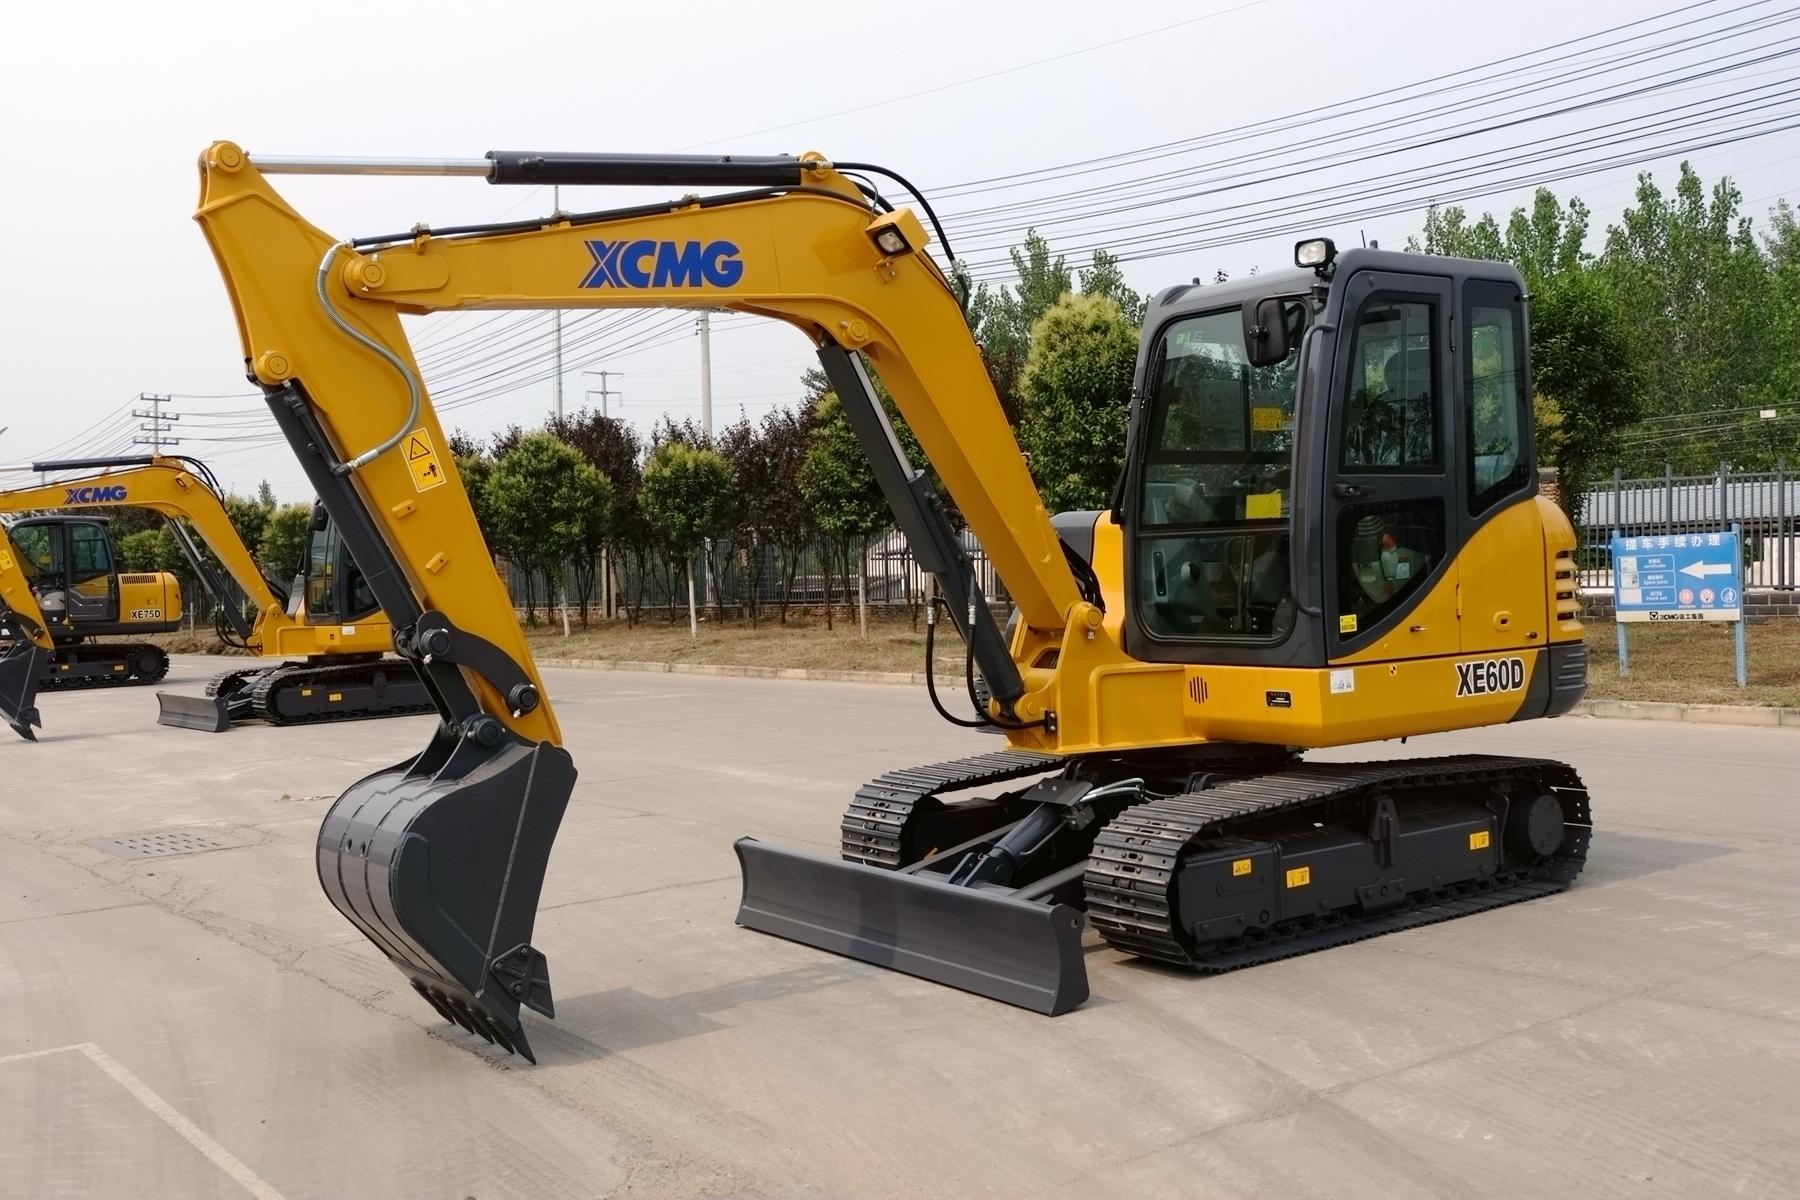 徐工xe60d挖掘机整机外观